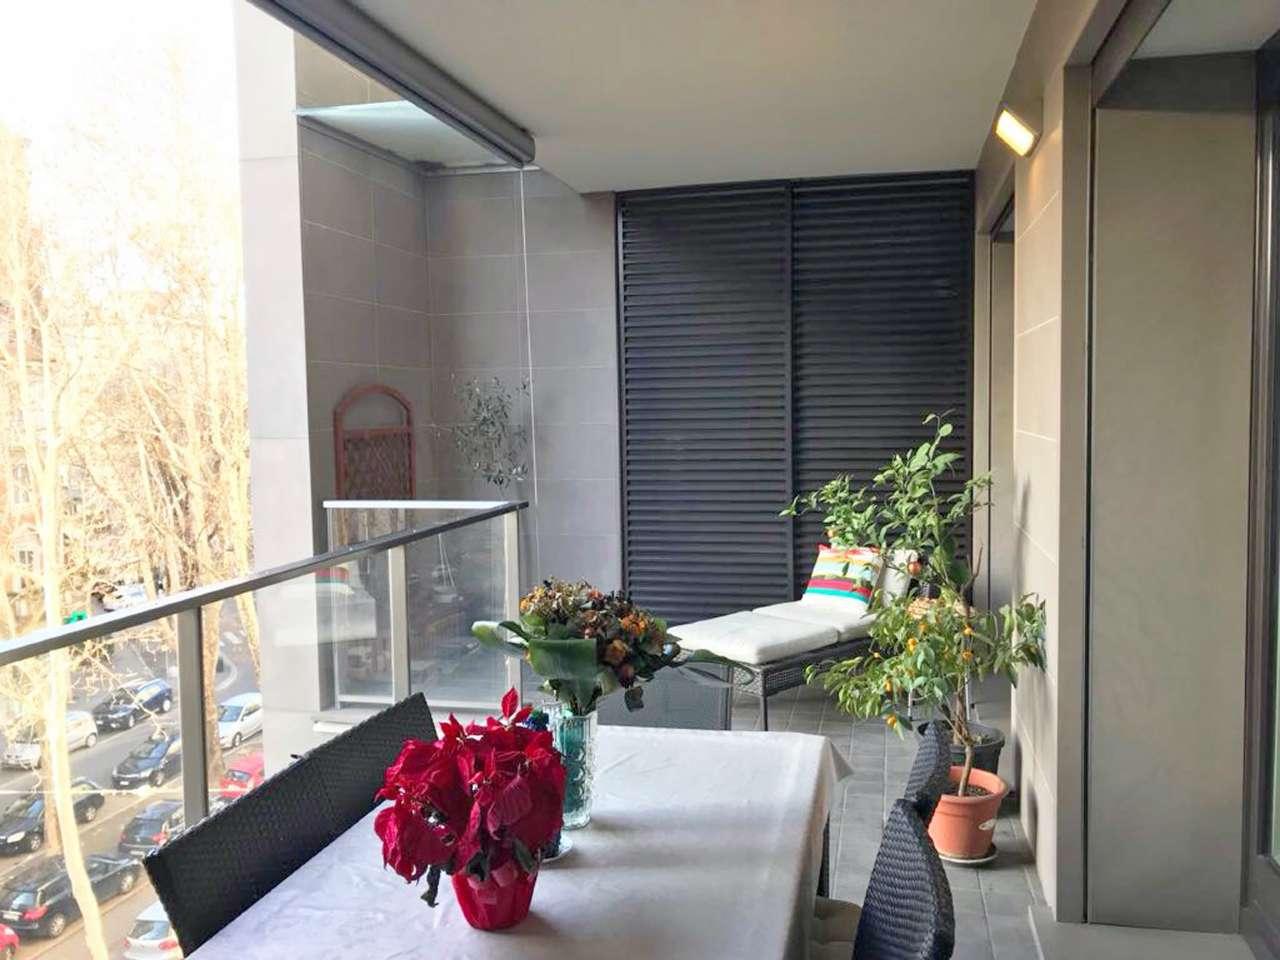 appartamento con terrazzo e aria condizionata a Milano - Cambiocasa.it